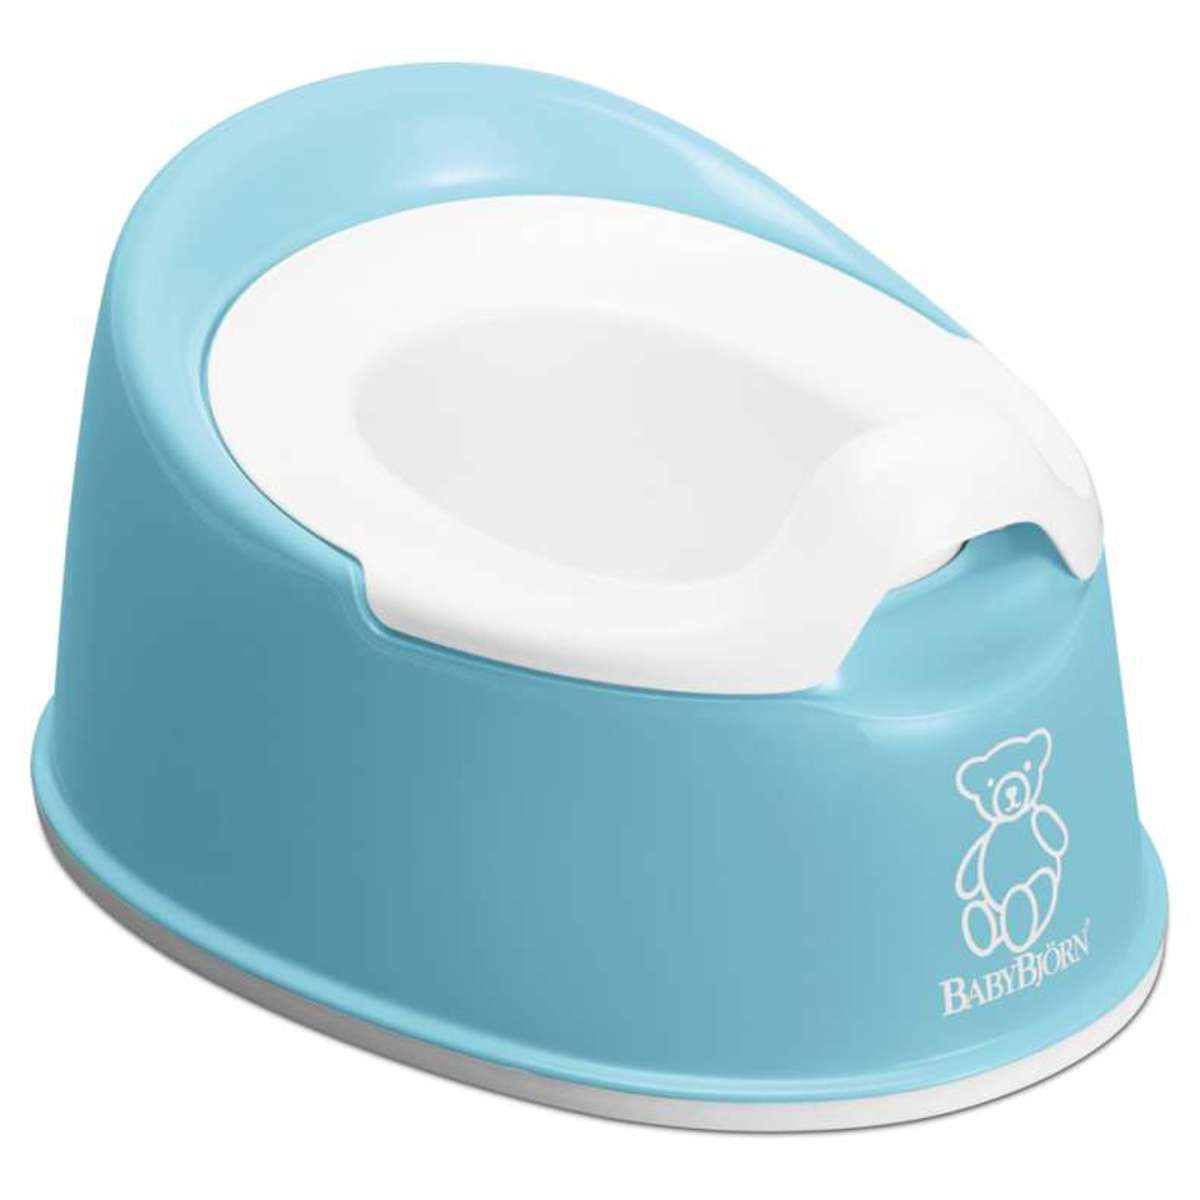 Pot & Réducteur Pot Smart - Turquoise Pot Smart - Turquoise